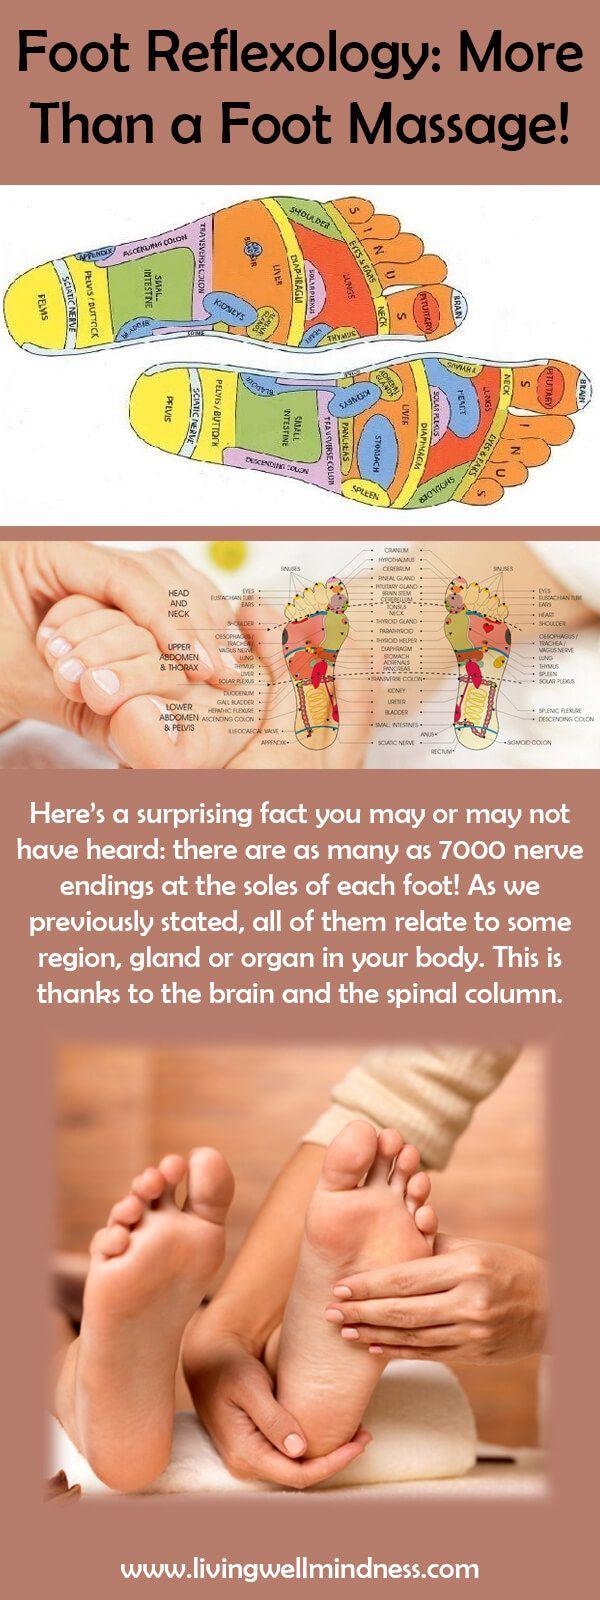 Foot Reflexology: More Than a Foot Massage! - Living Wellmindness